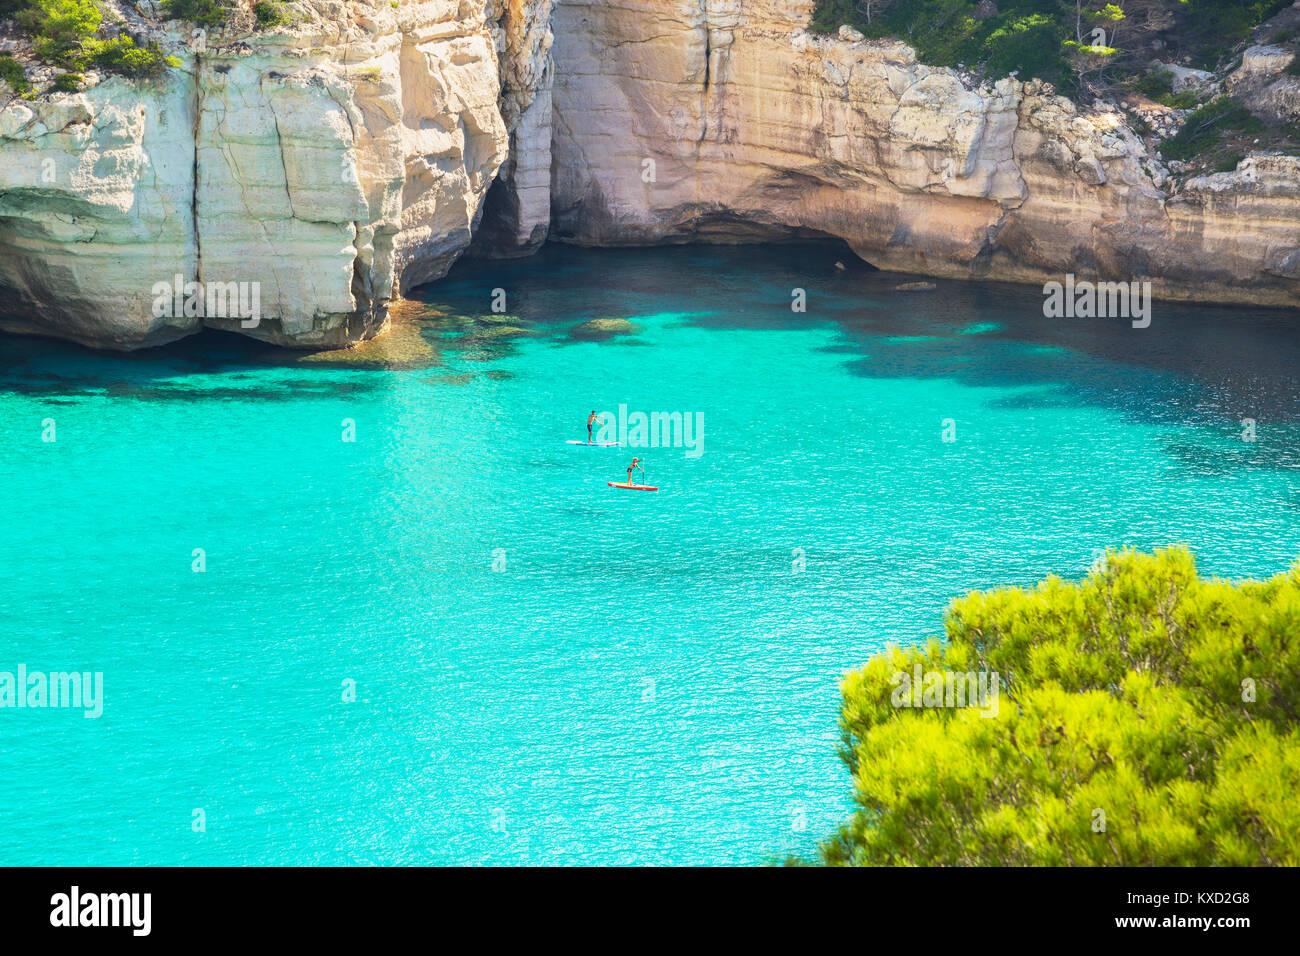 Menschen paddleboarding auf dem smaragdgrünen Wasser von Cala Mitjana, Menorca, Balearen, Spanien Stockbild